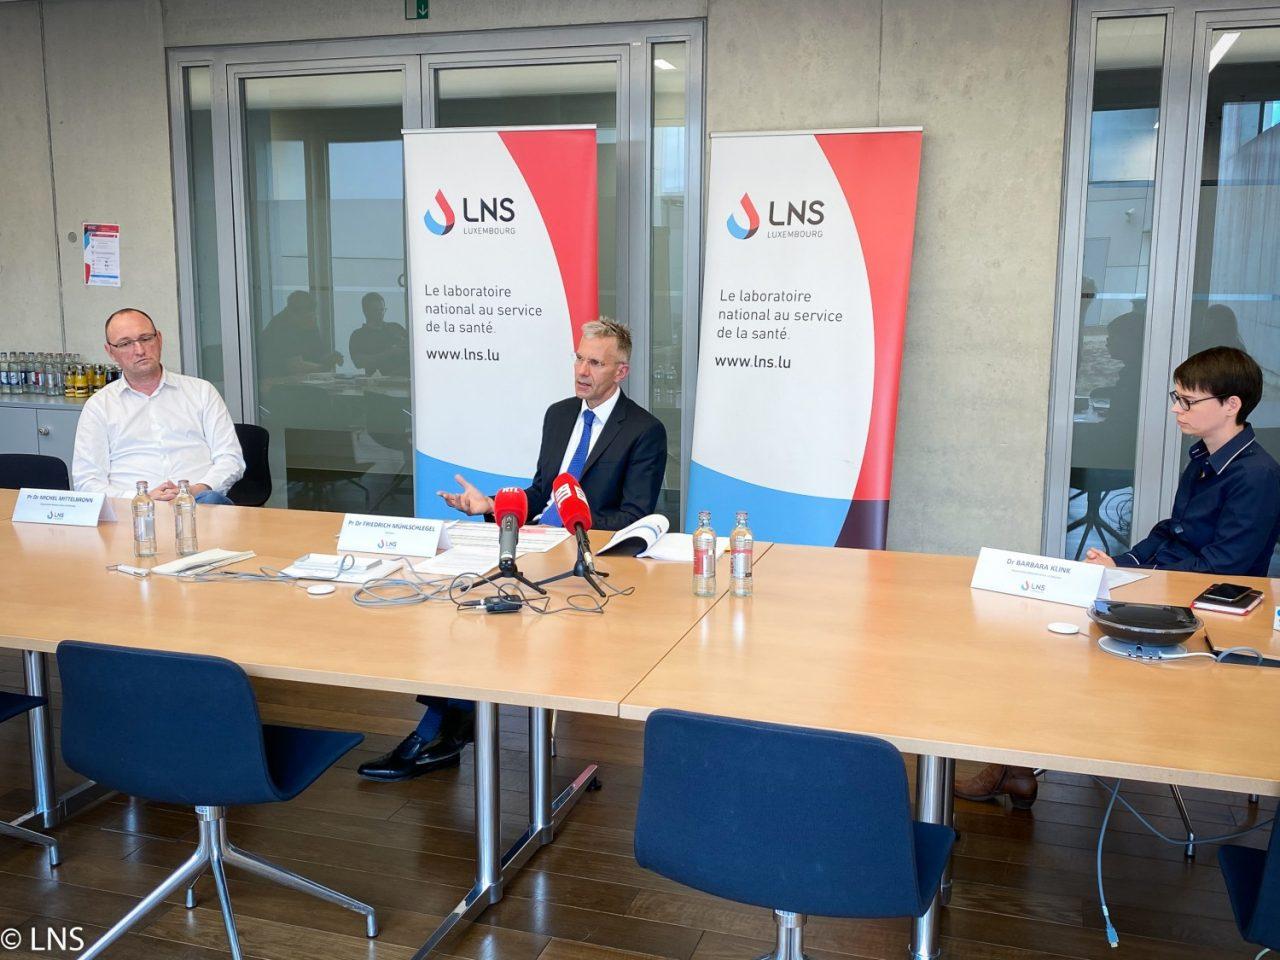 Suite au succès des deux dernières années, le LNS est autorisé à poursuivre l'exploitation de ses deux centres de diagnostic nationaux